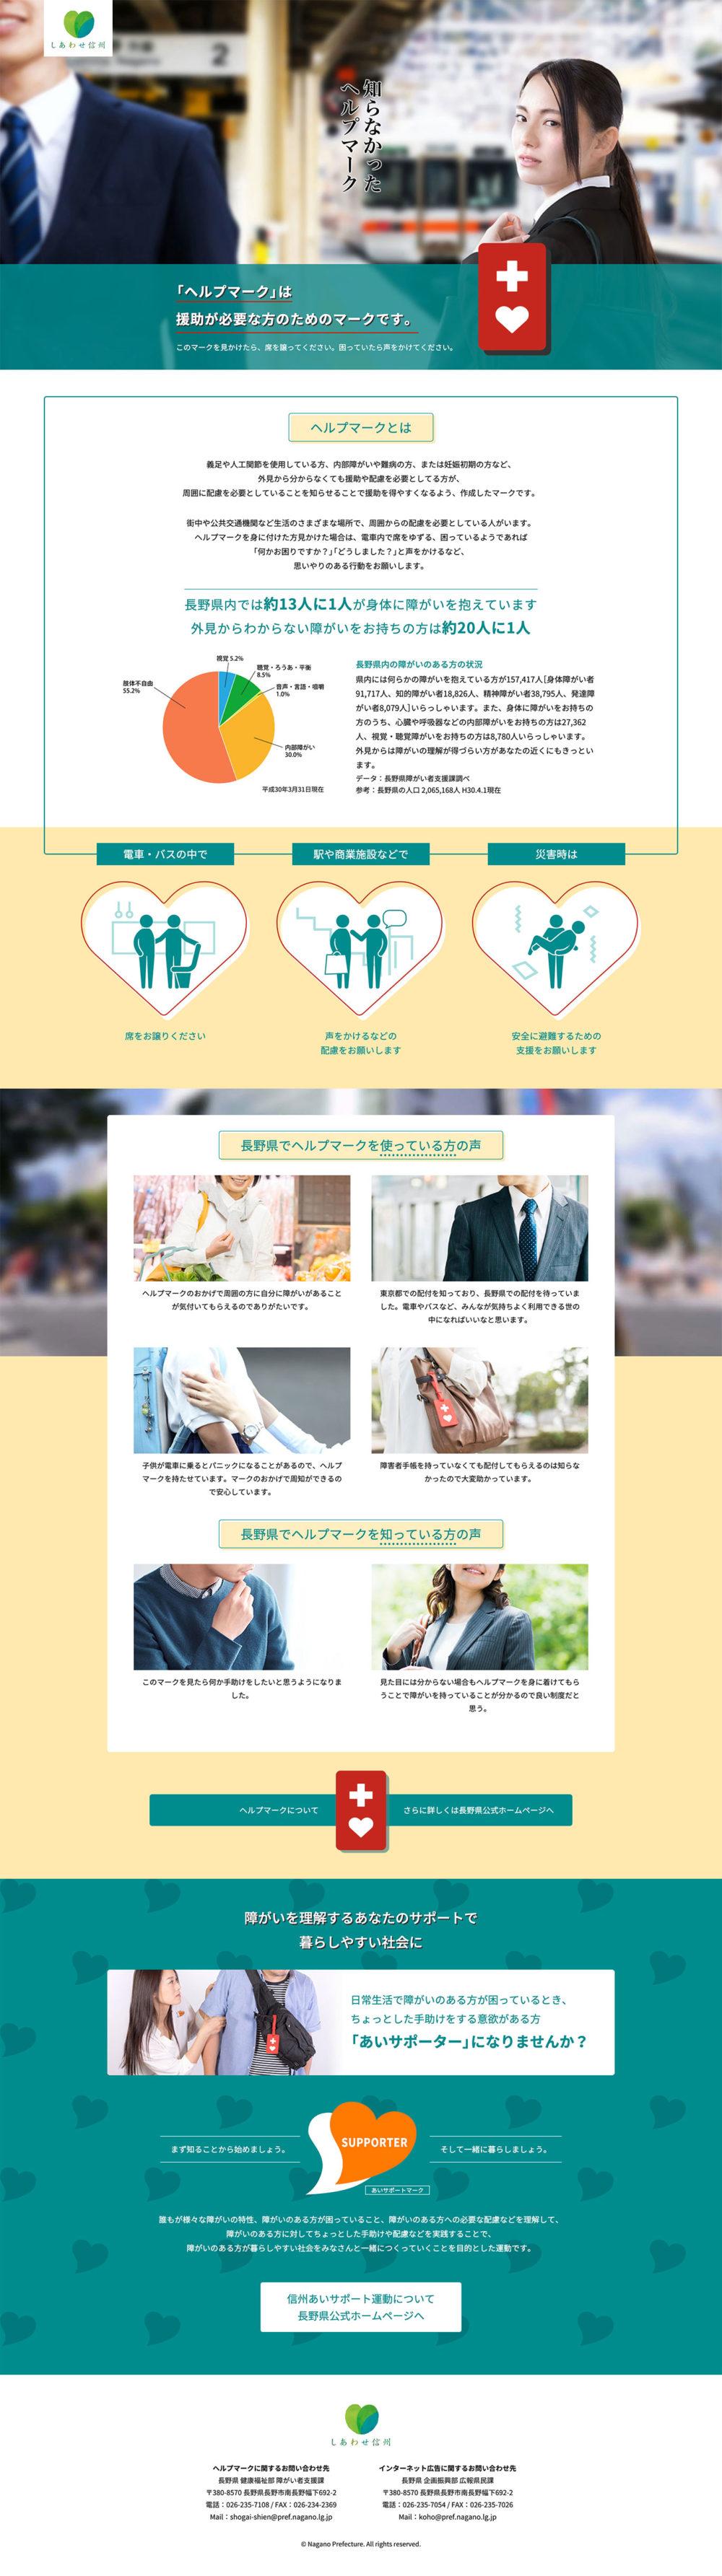 長野県「障がい者に対する県民の理解促進」キャンペーン